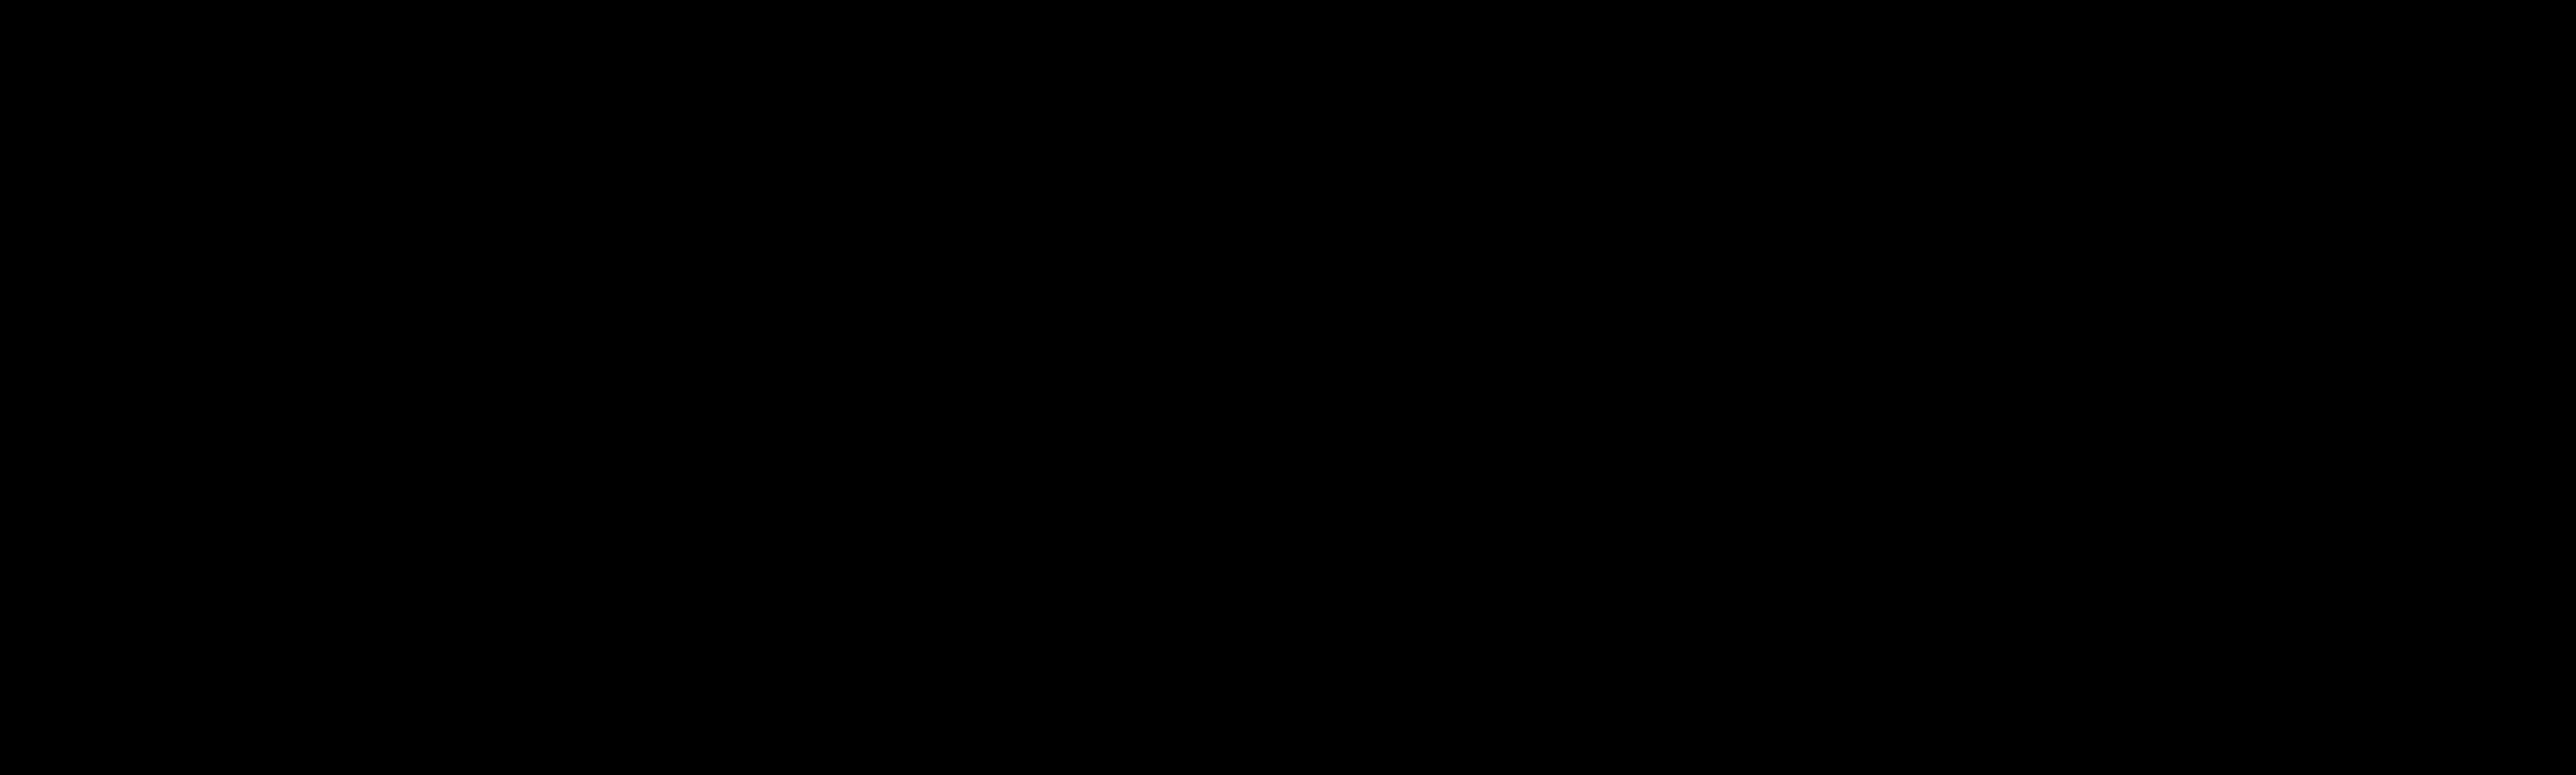 vikdesigns.com